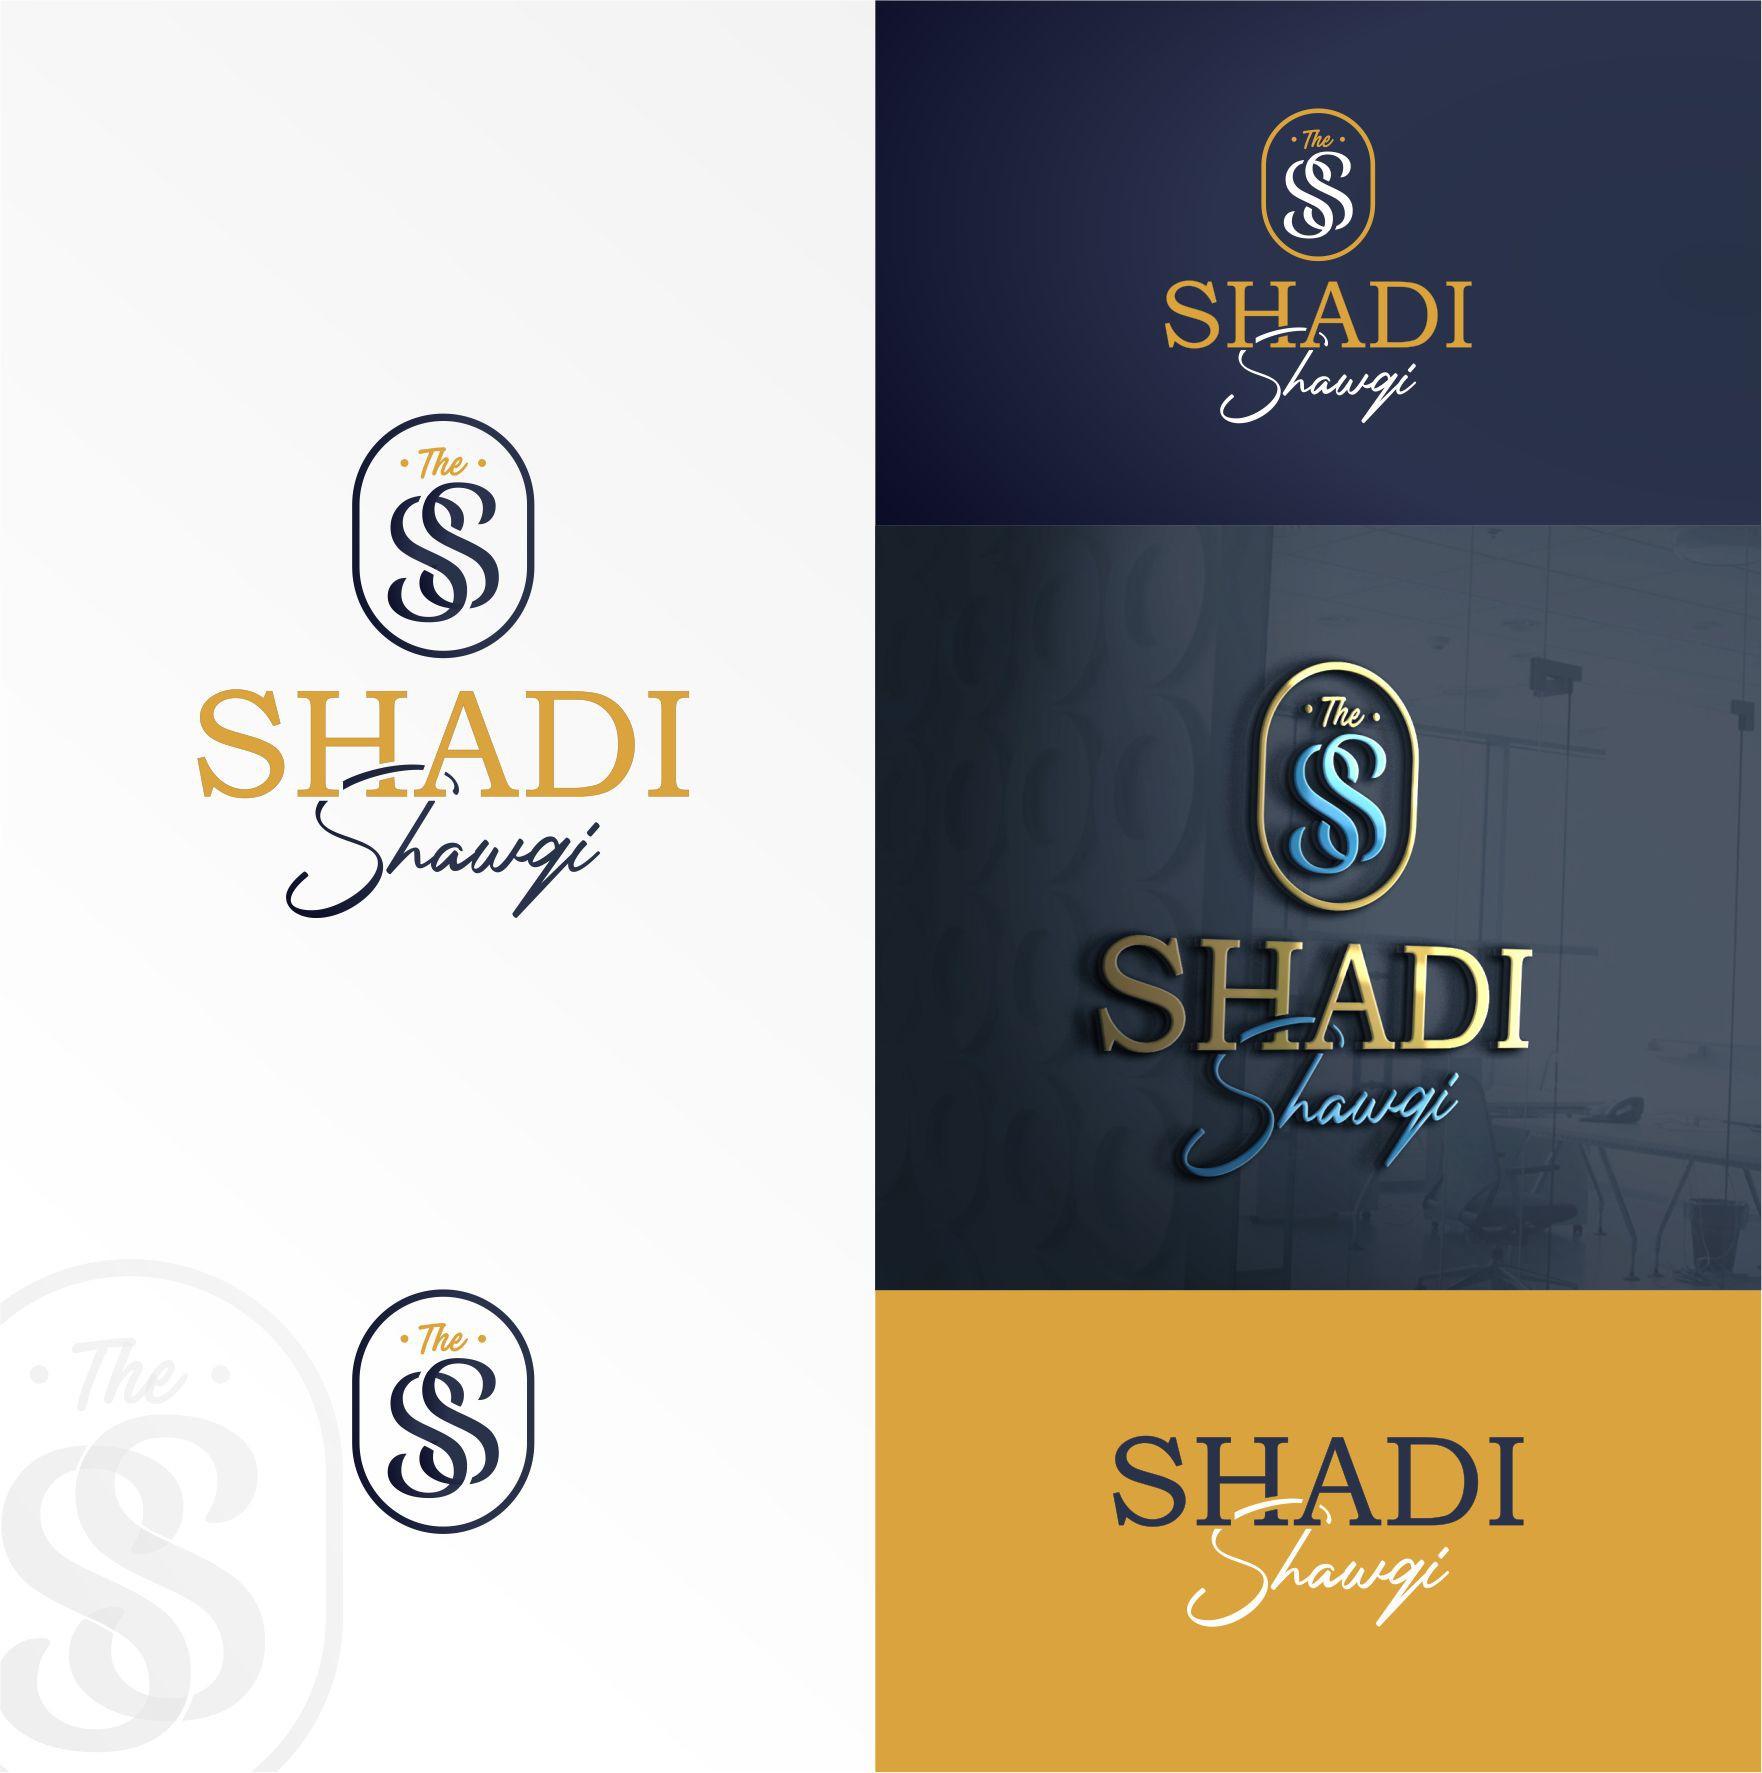 Shadi Shawqi